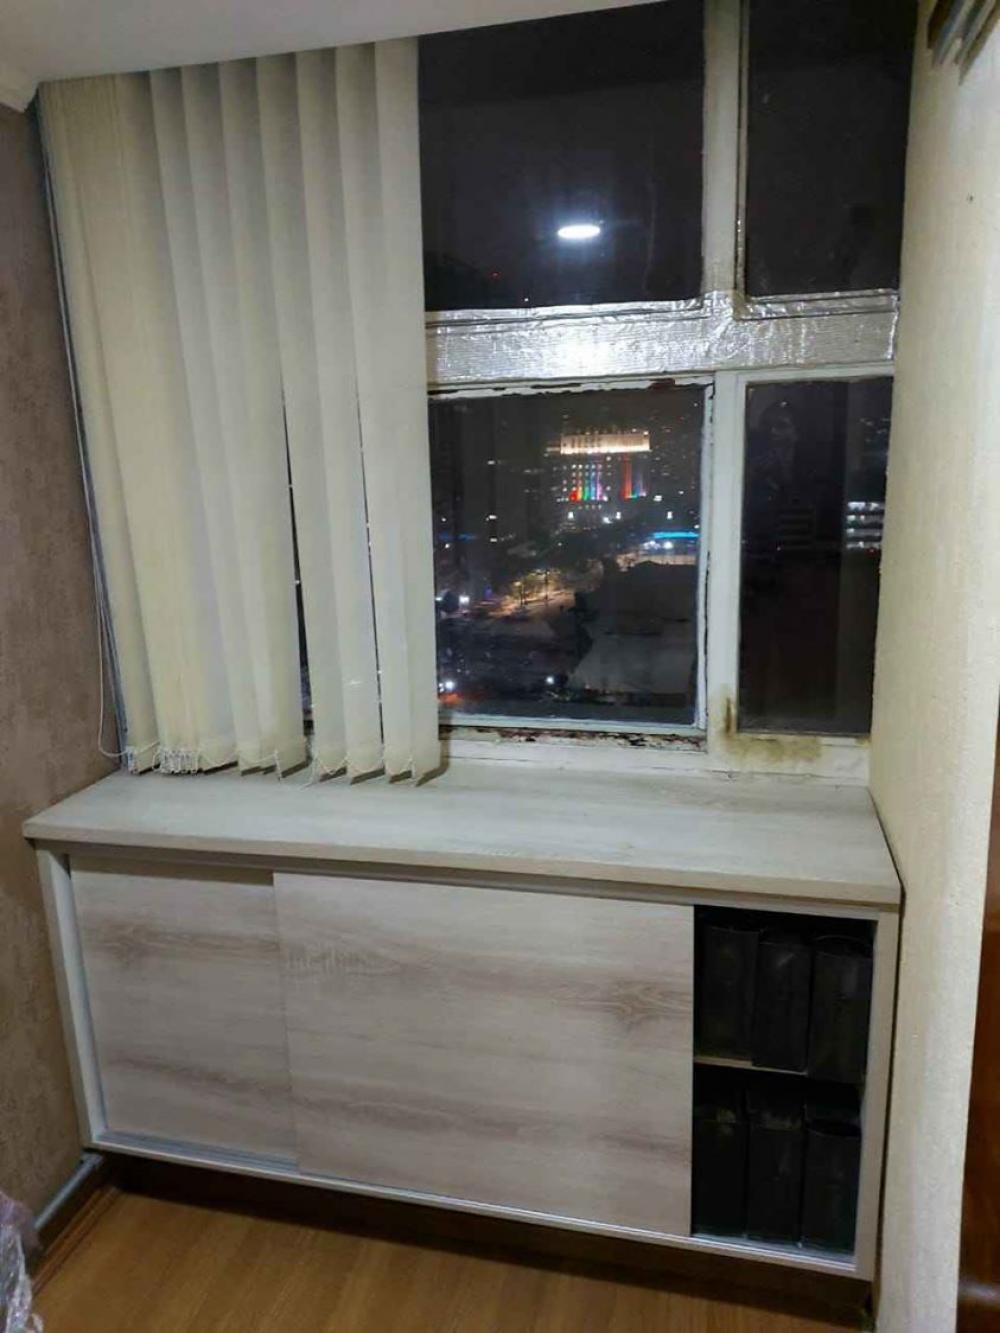 Comprar Apartamento / Loft em São Paulo R$ 175.000,00 - Foto 8